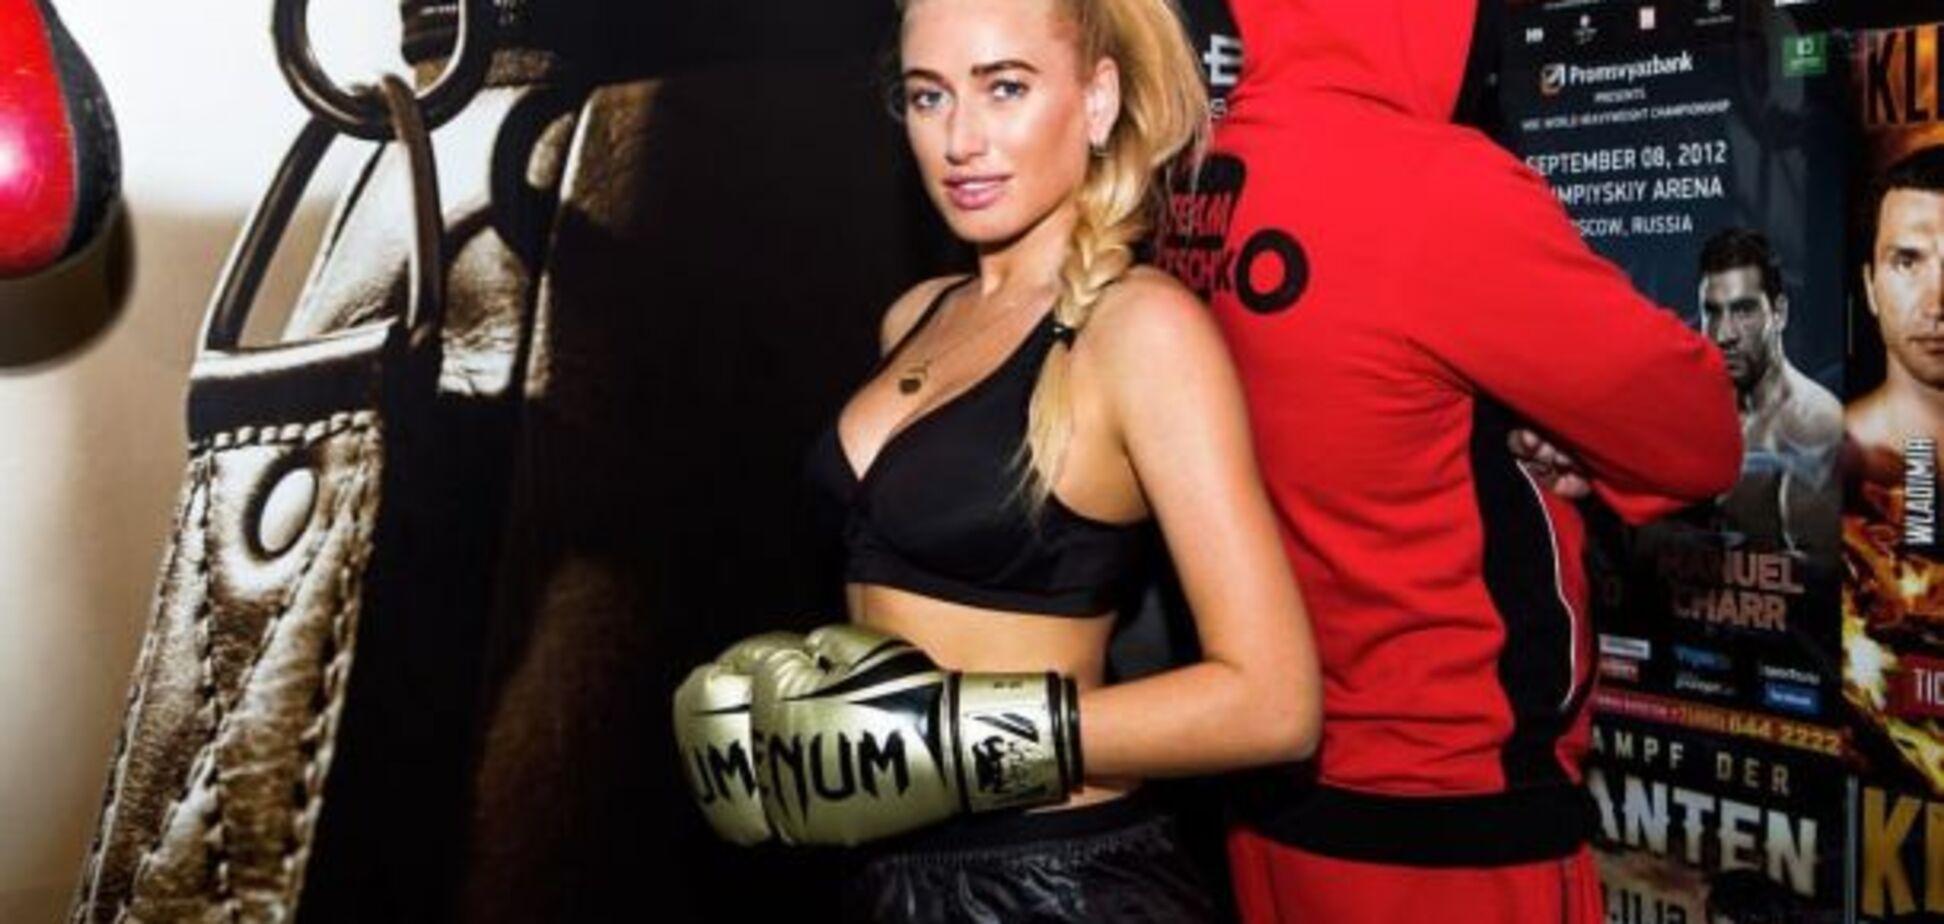 Знаменитая украинская спортсменка снялась в соблазнительной фотосессии в музее Кличко